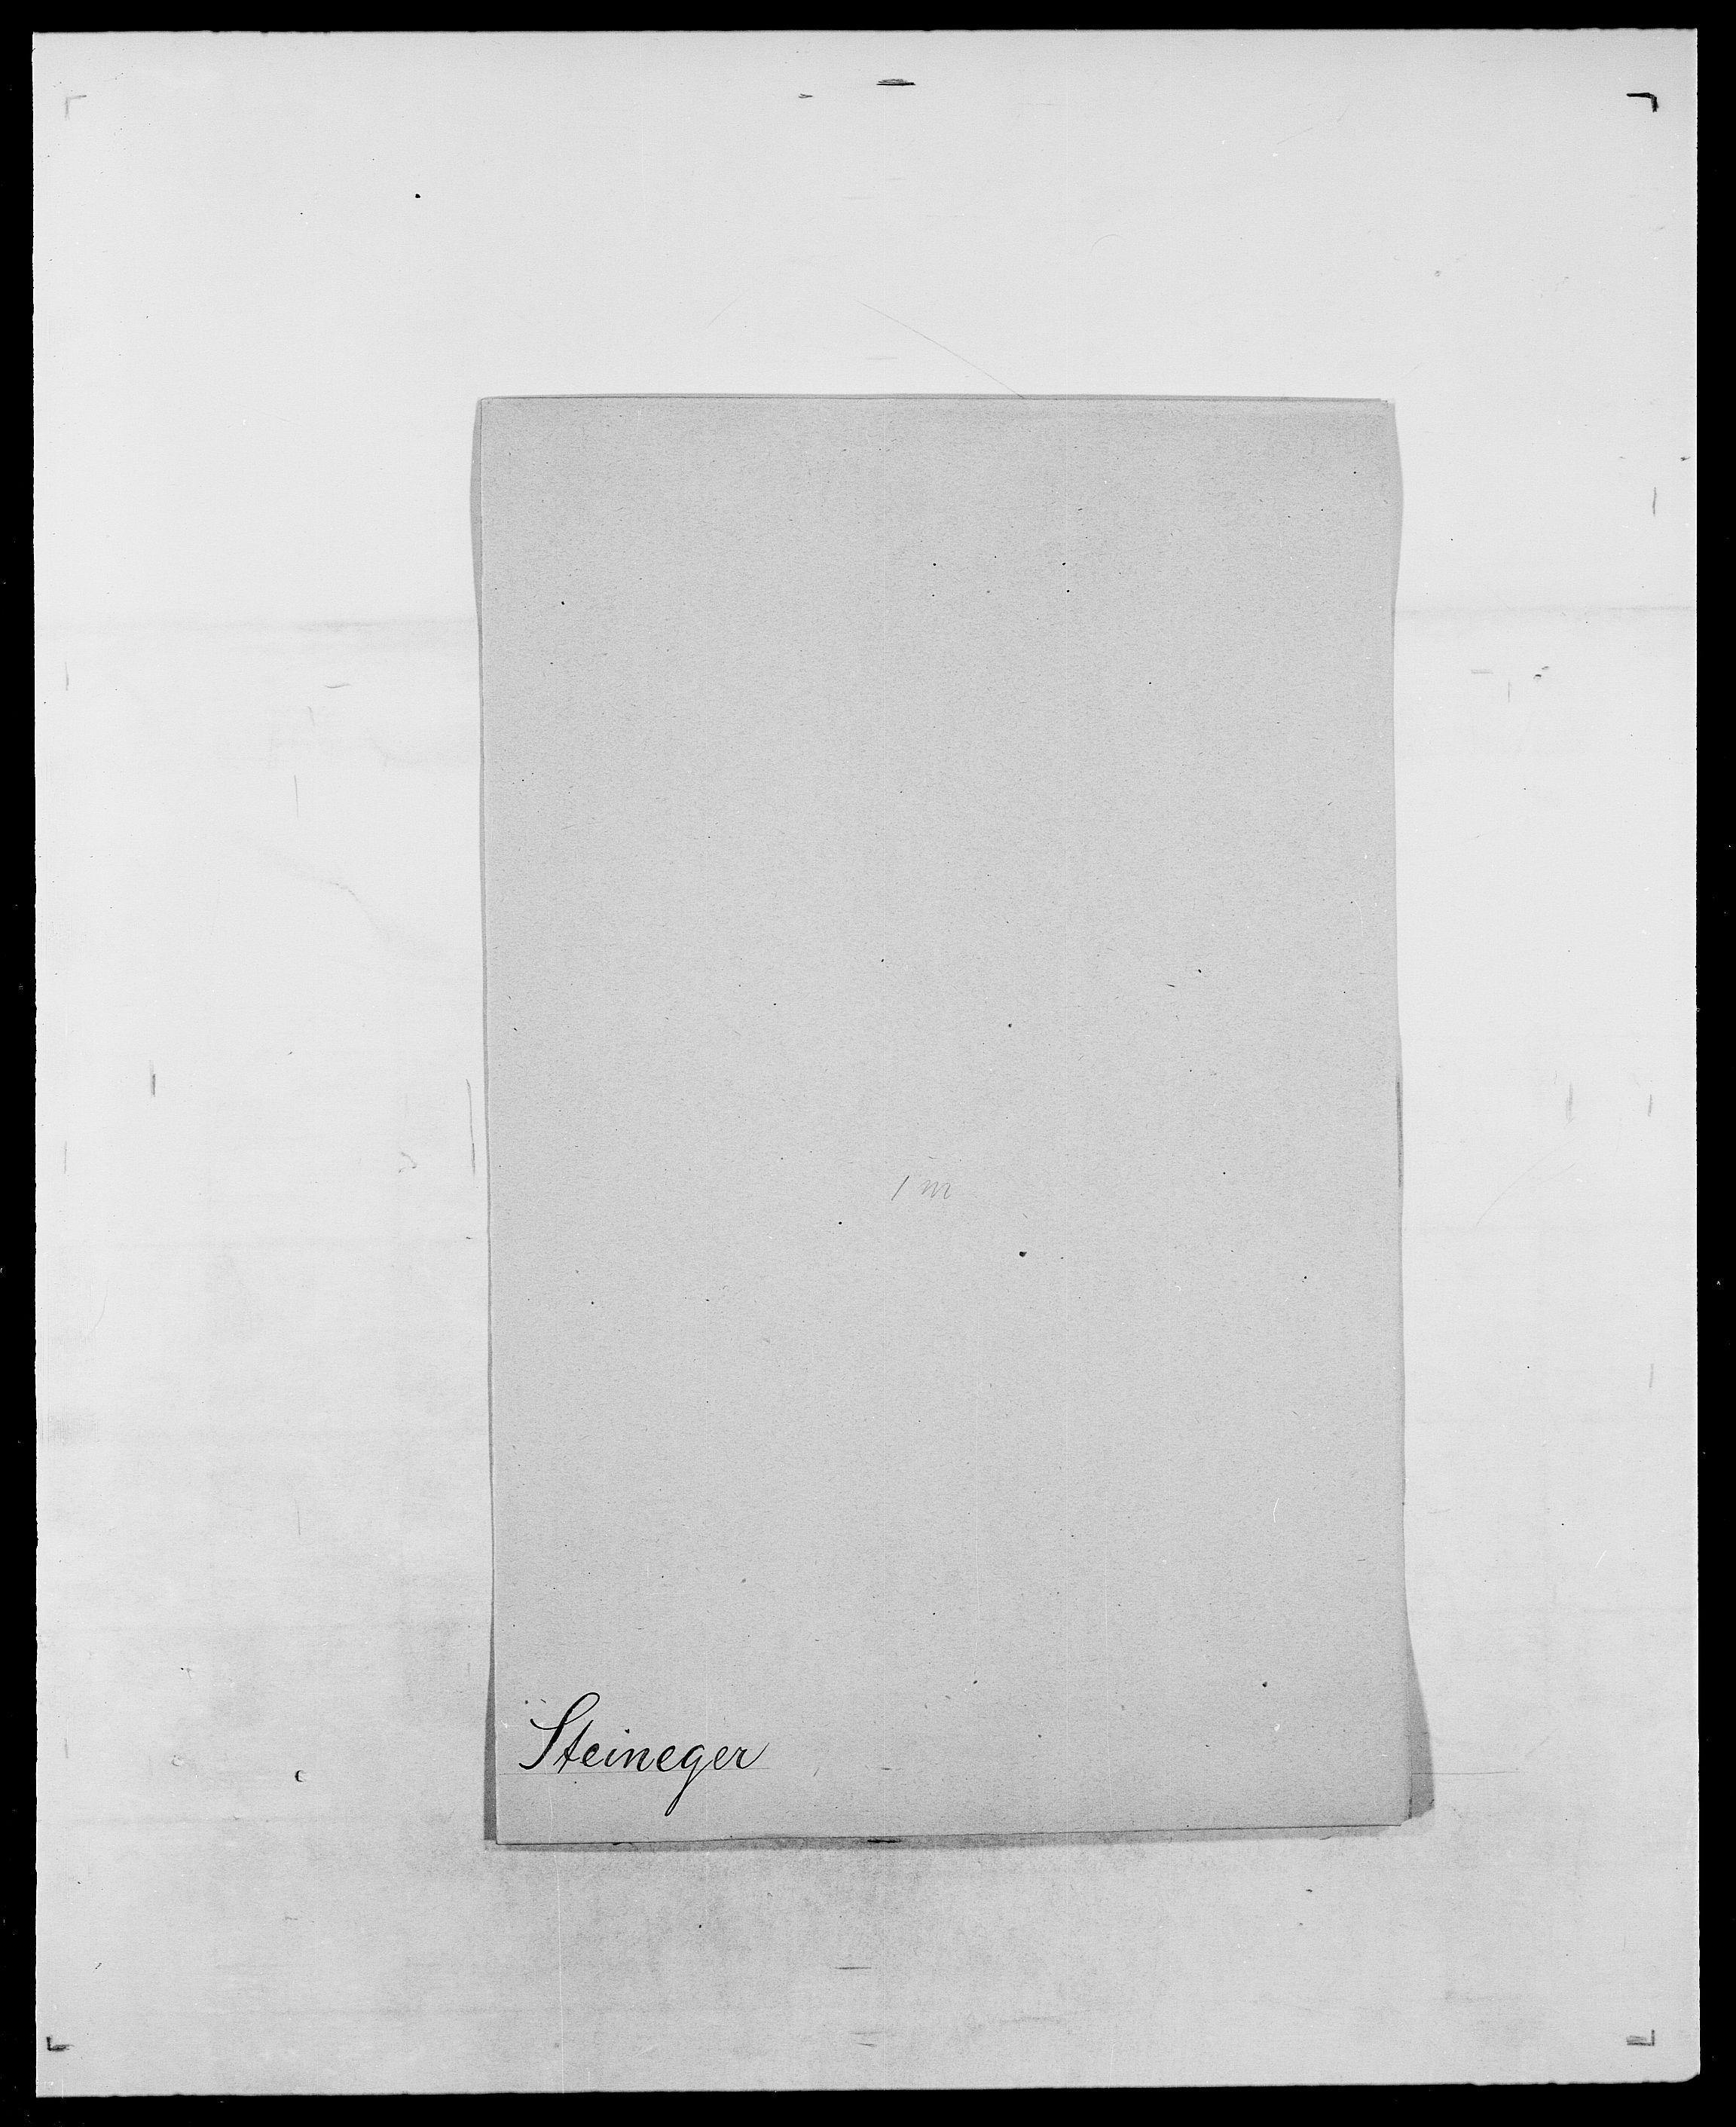 SAO, Delgobe, Charles Antoine - samling, D/Da/L0037: Steen, Sthen, Stein - Svare, Svanige, Svanne, se også Svanning og Schwane, s. 258